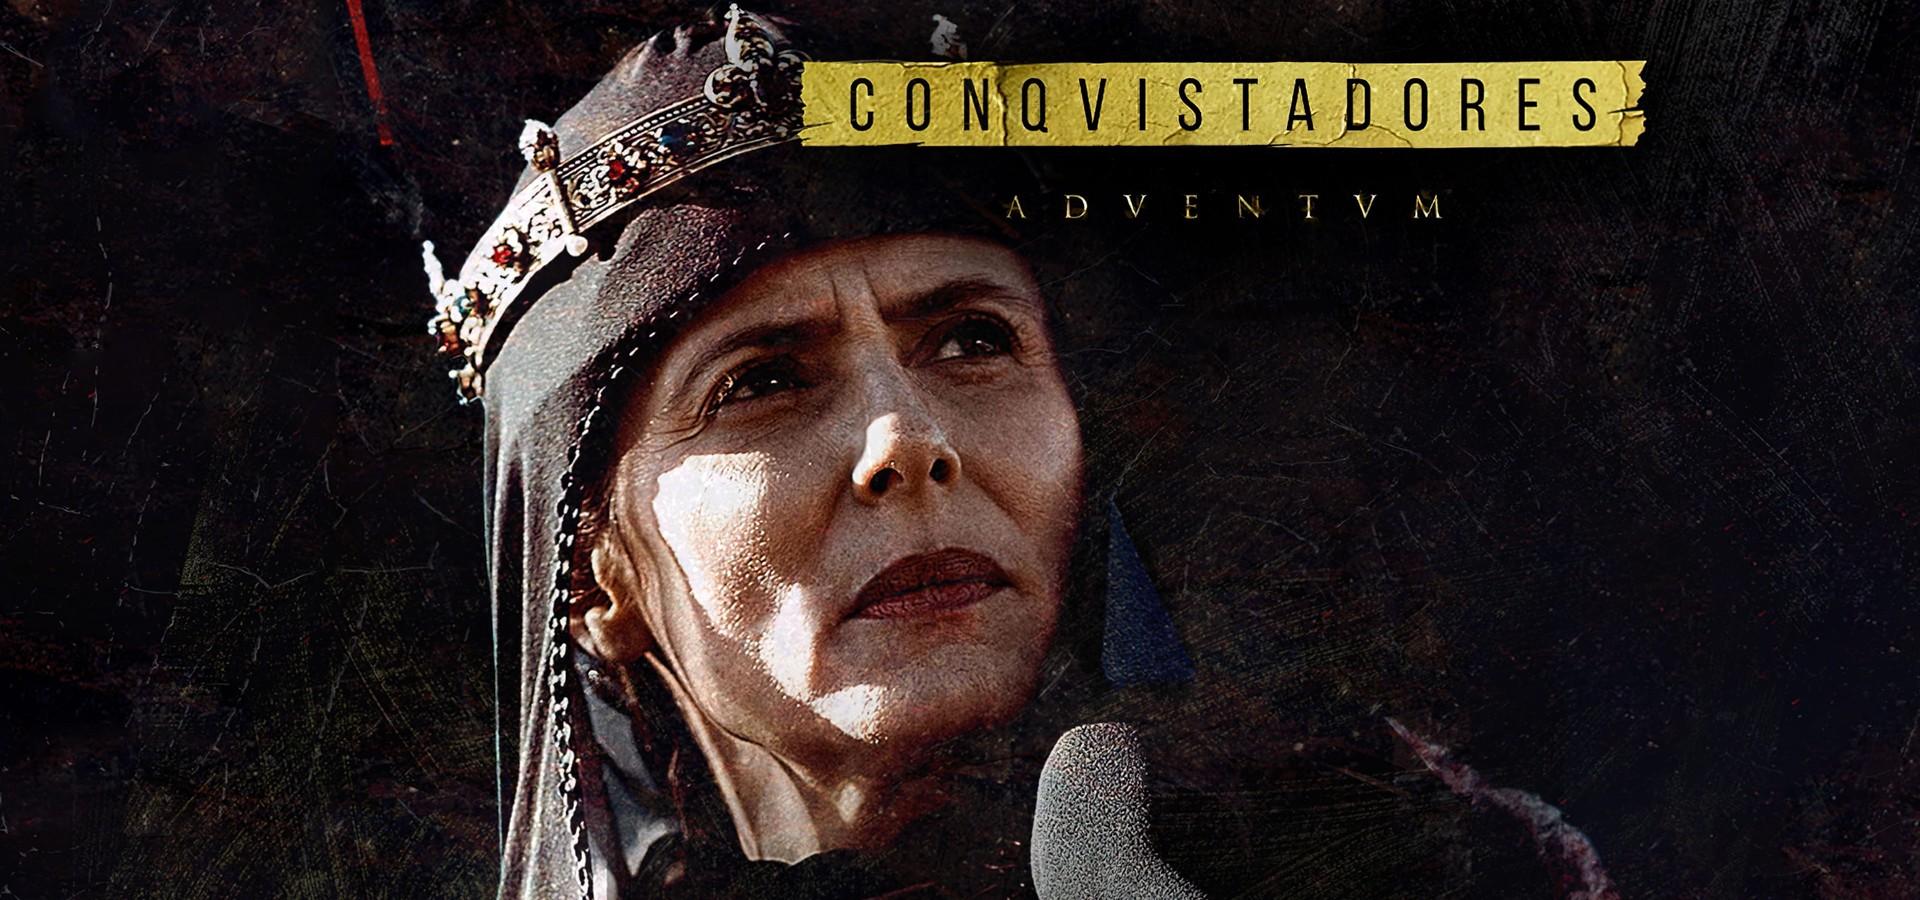 Conquistadores Adventvm